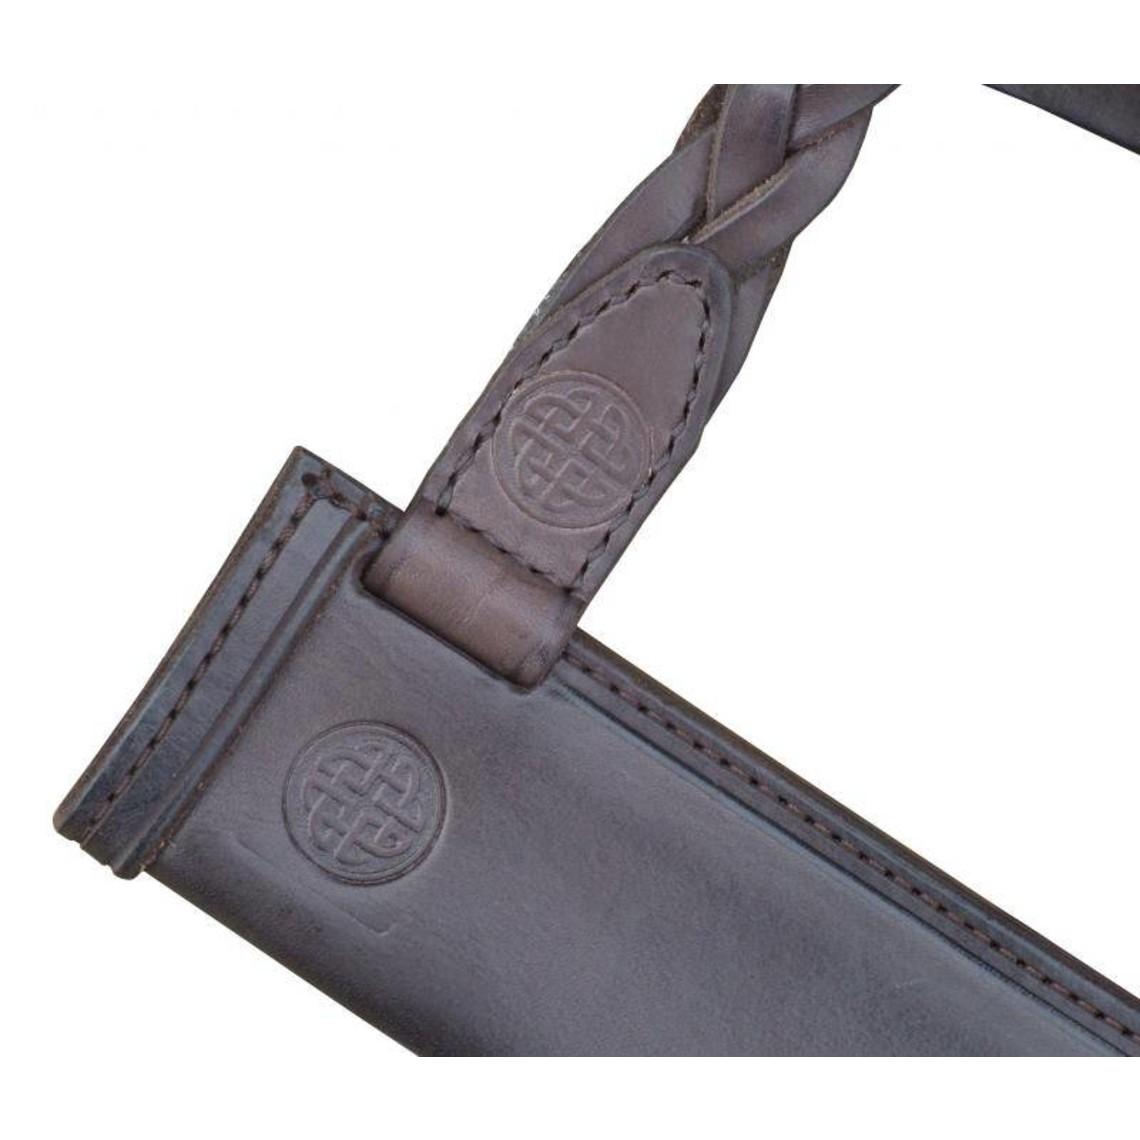 Fabri Armorum Fourreau pour Scramasaxe, laçage en cuir tressé